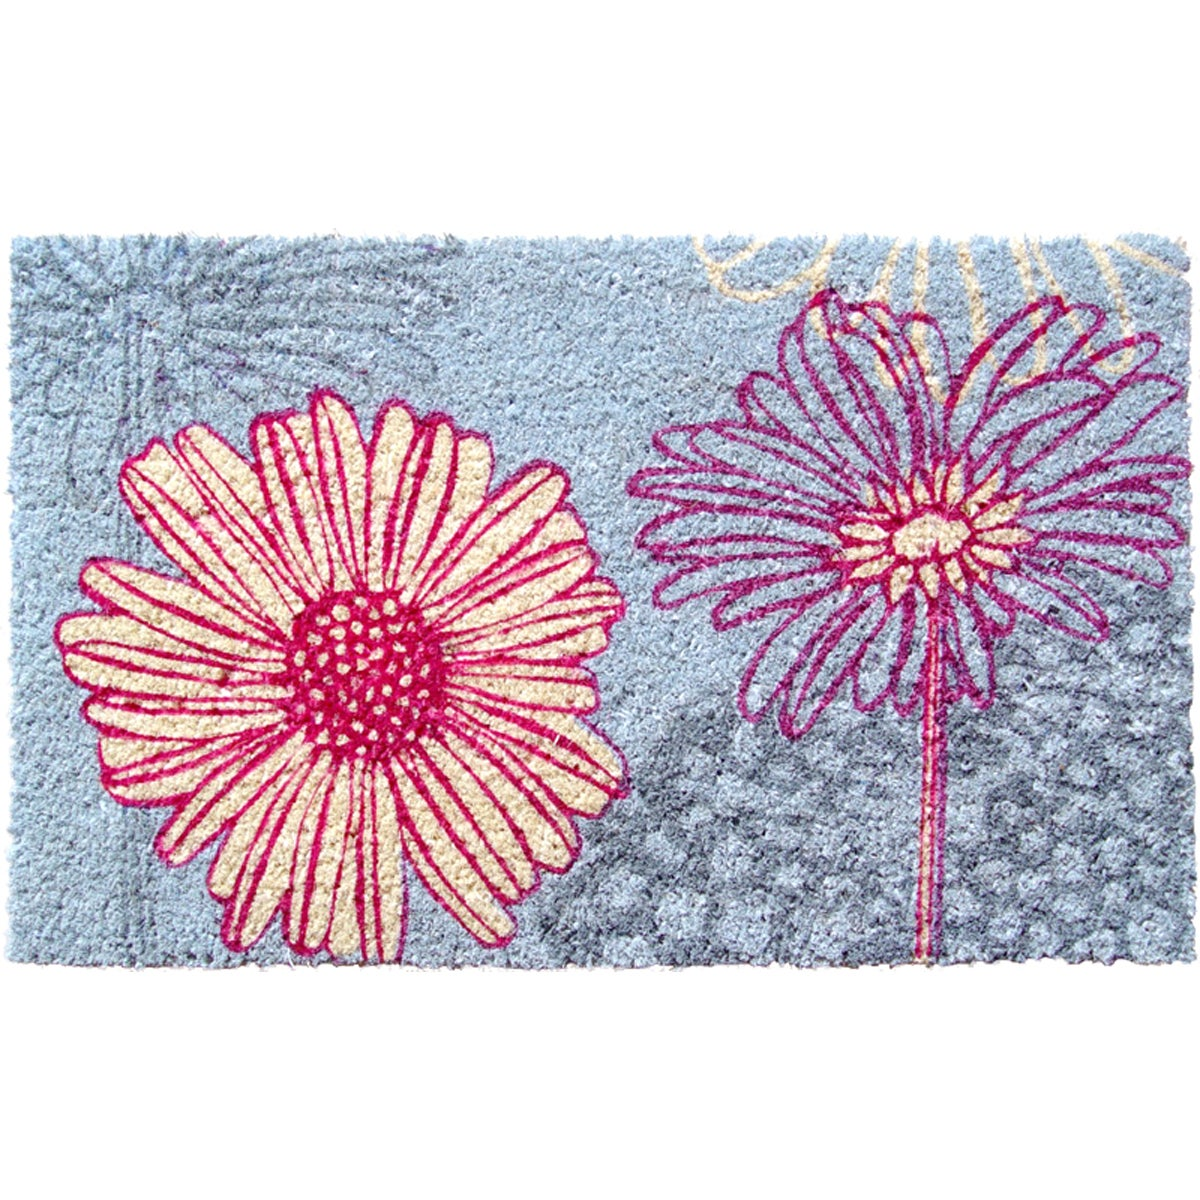 Daisy Drawing Non-slip Coconut Fiber Doormat